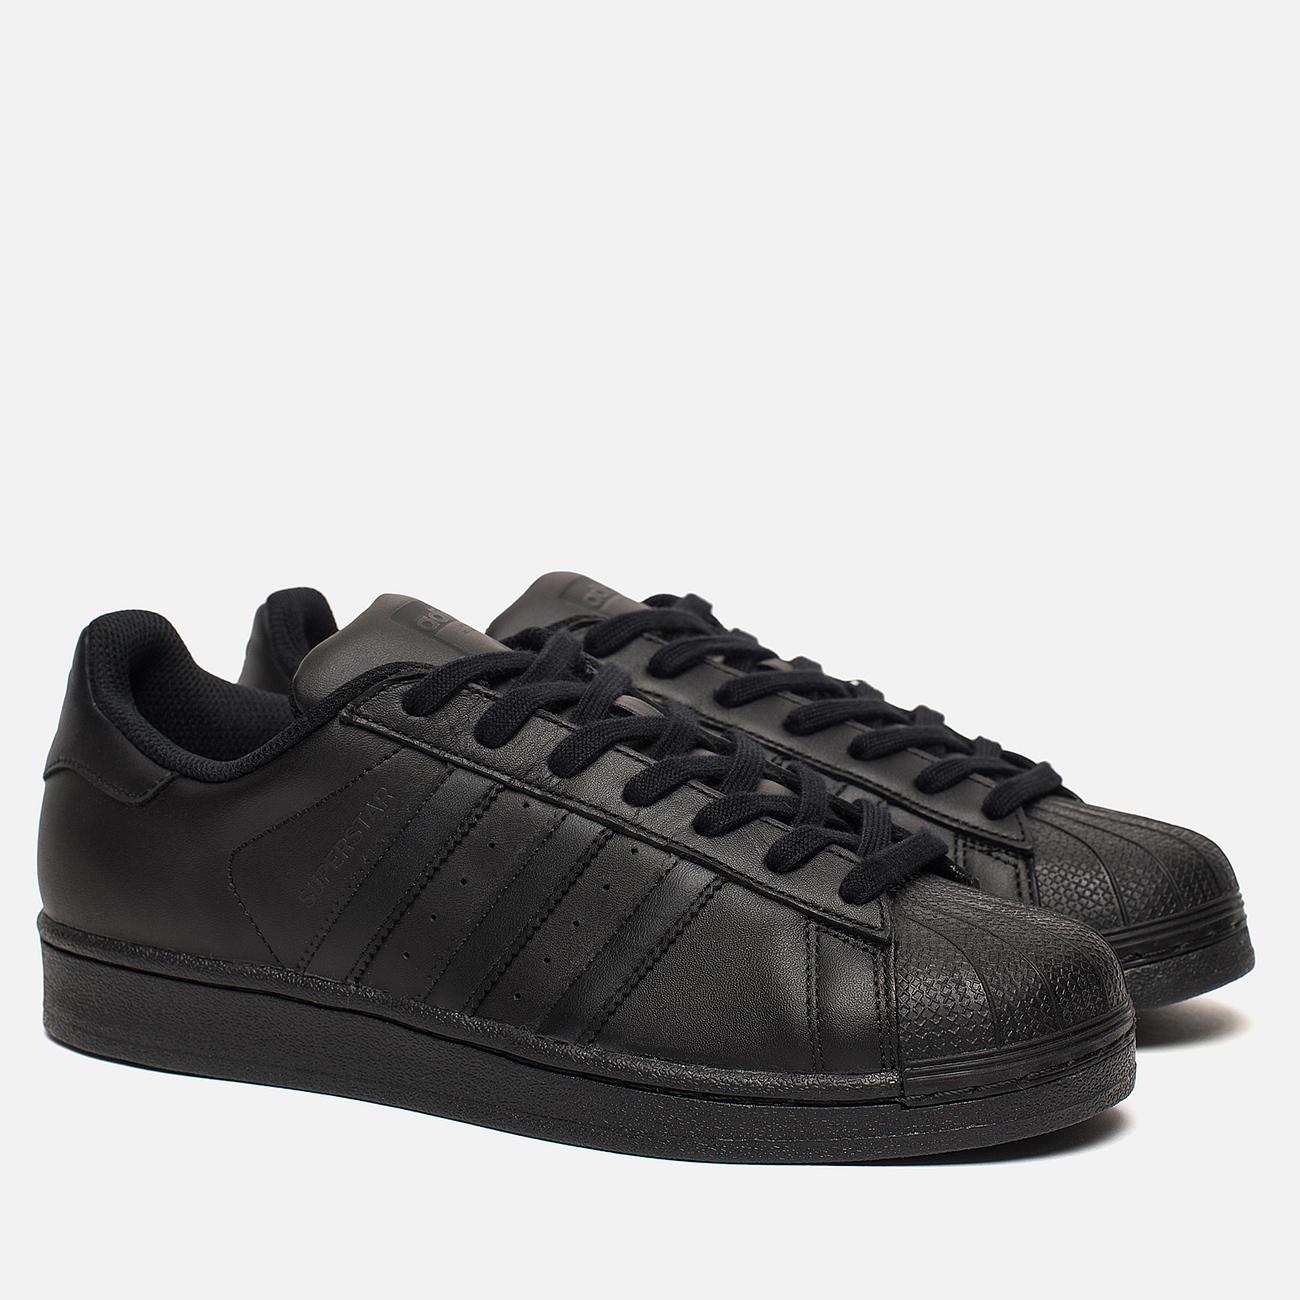 Кроссовки adidas Originals Superstar Core Black/Core Black/Core Black